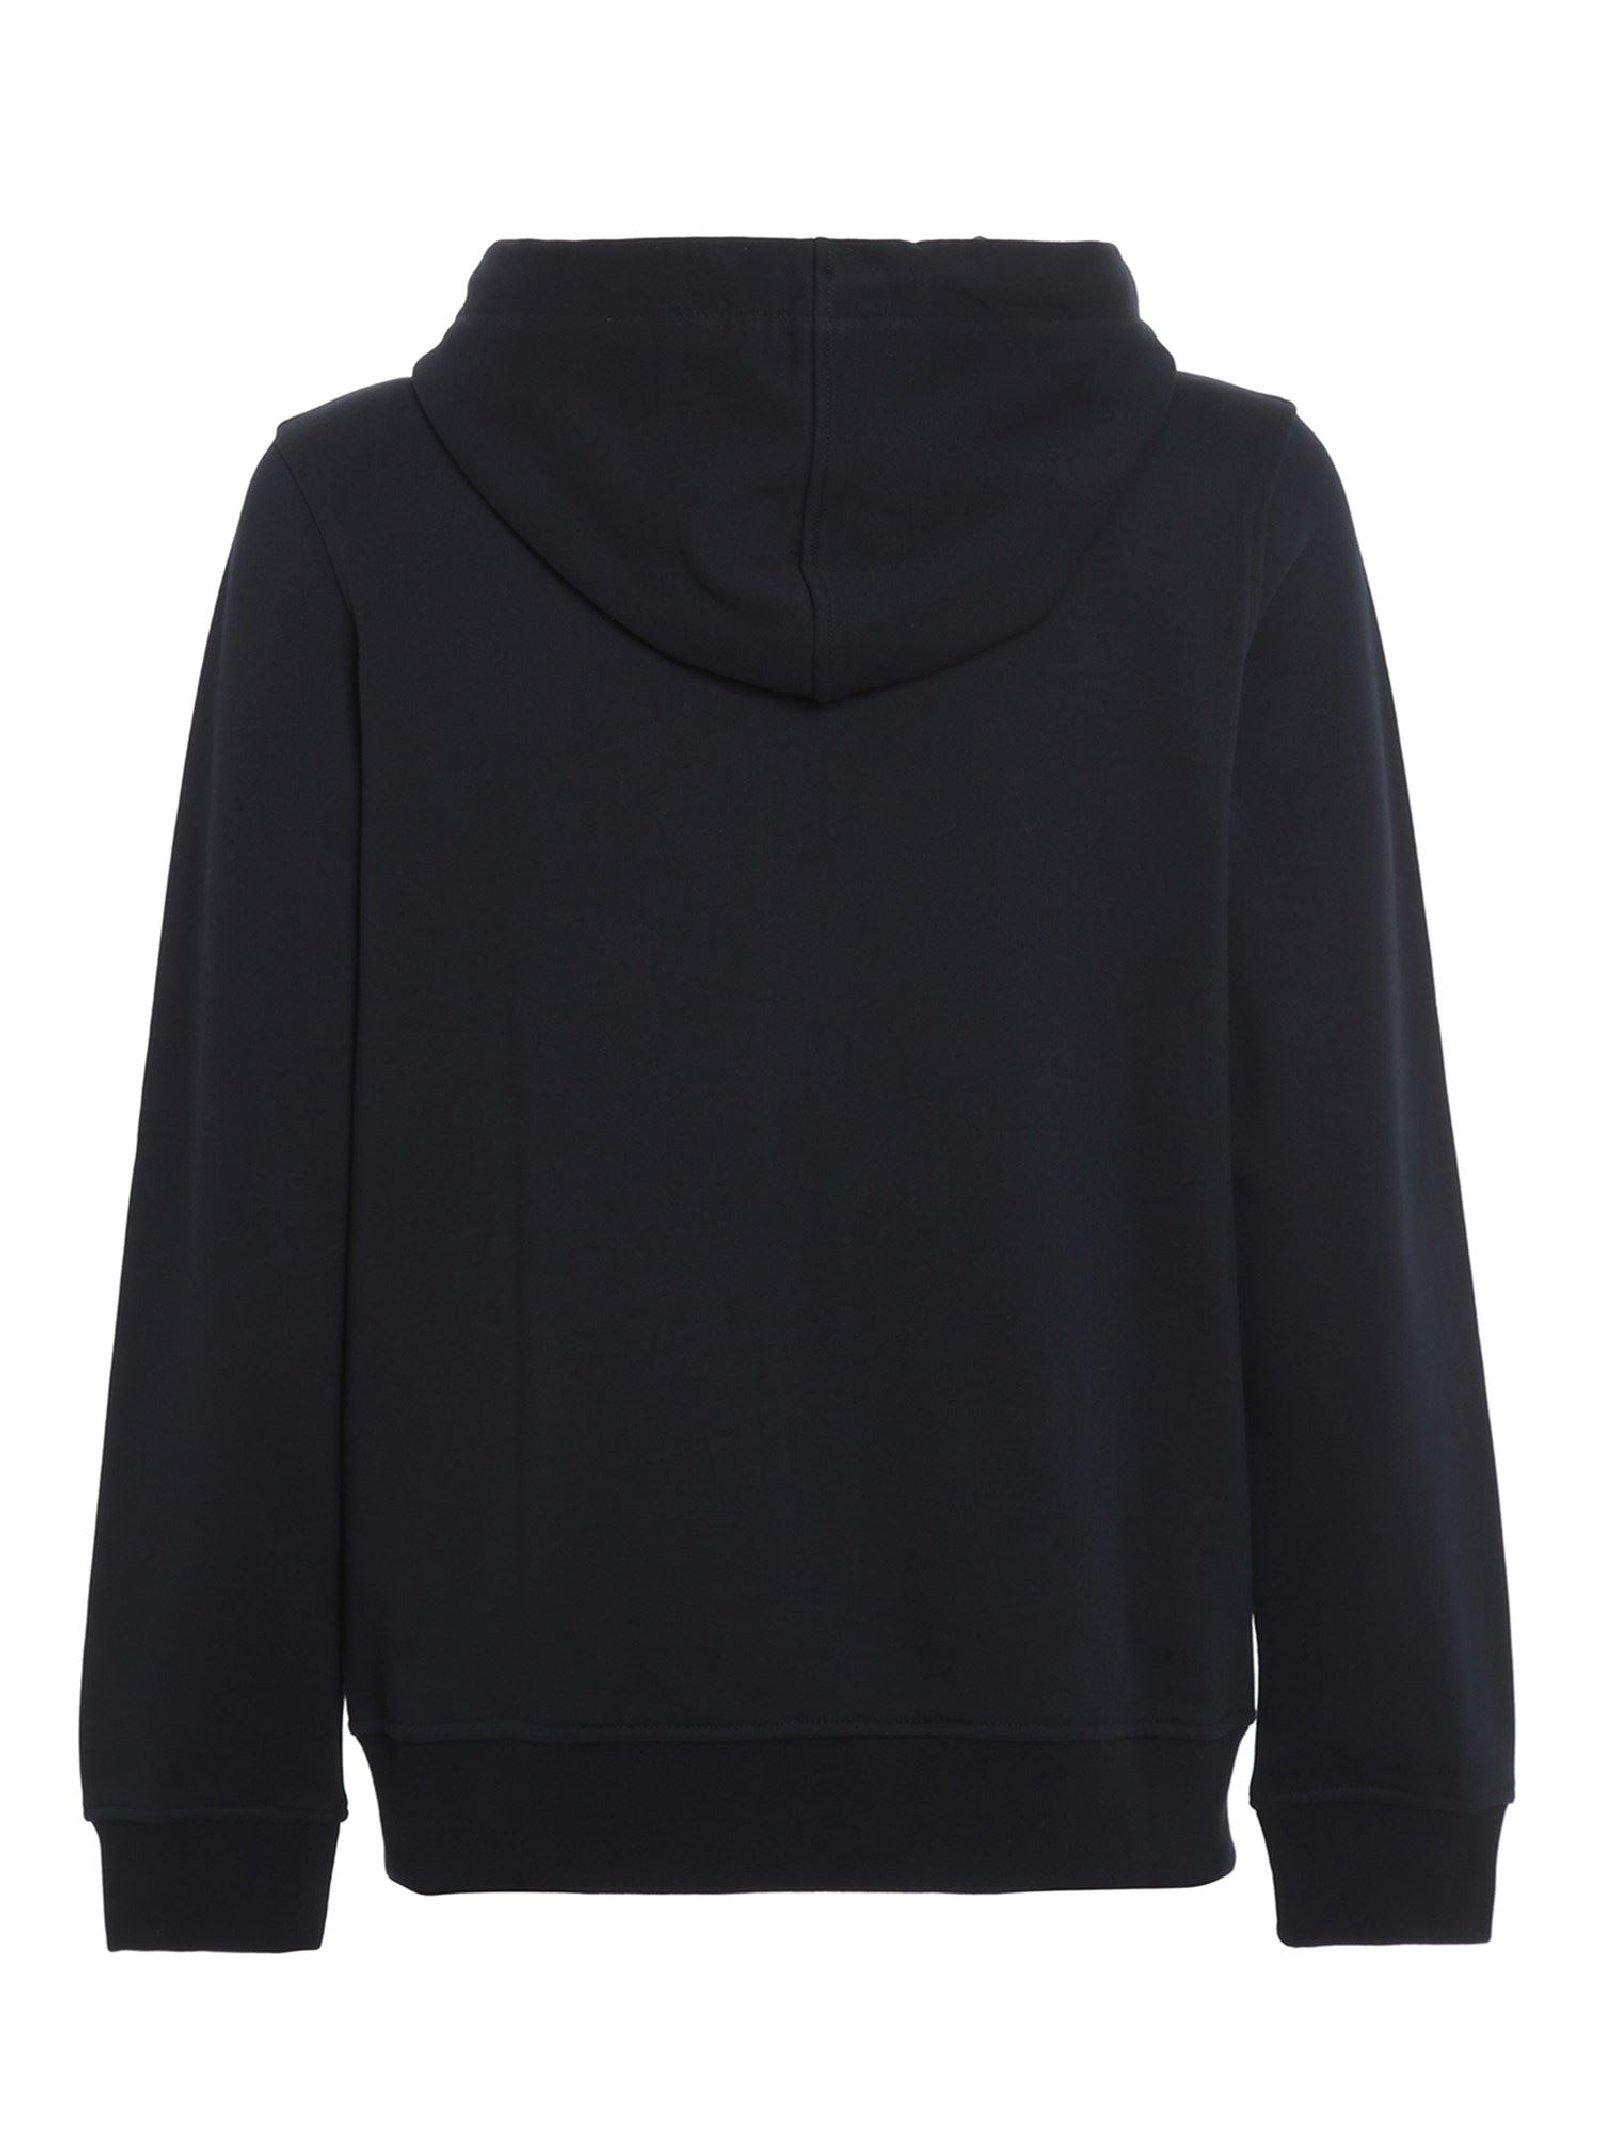 brice cardigan stitch KWAY | Jacket | K1121GWK89